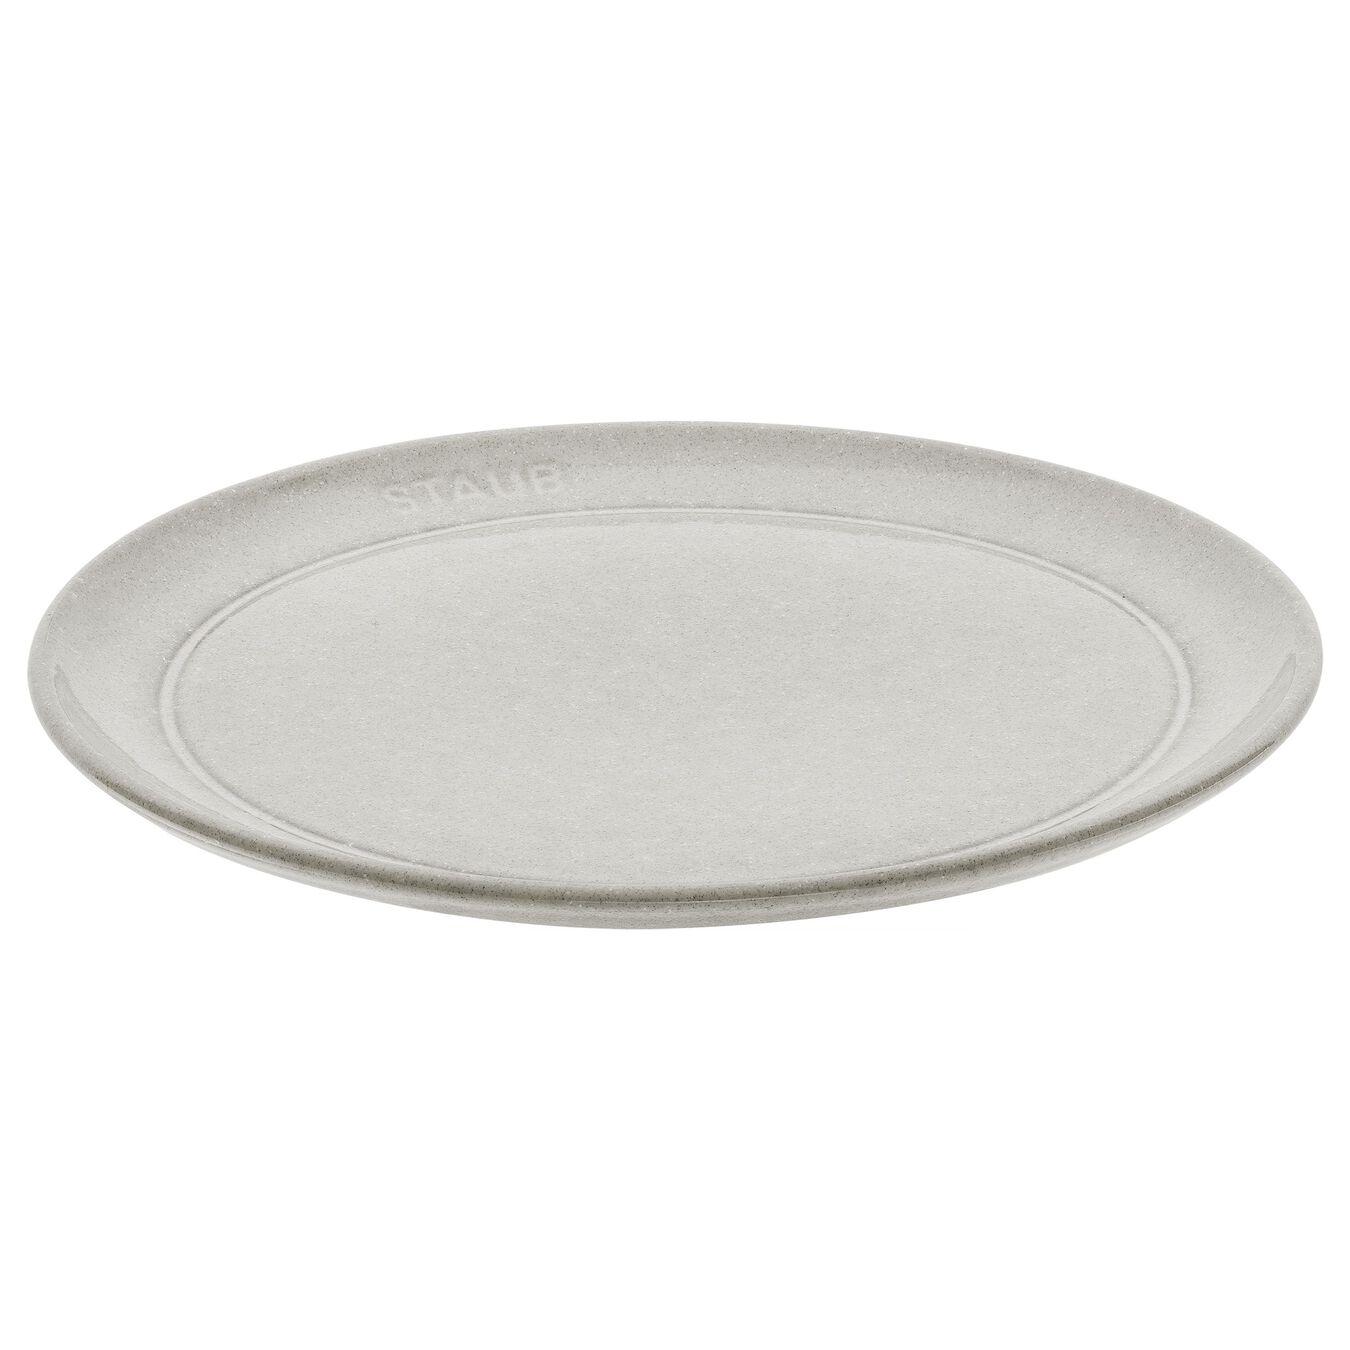 Piatto piano rotondo - 20 cm, tartufo bianco,,large 1